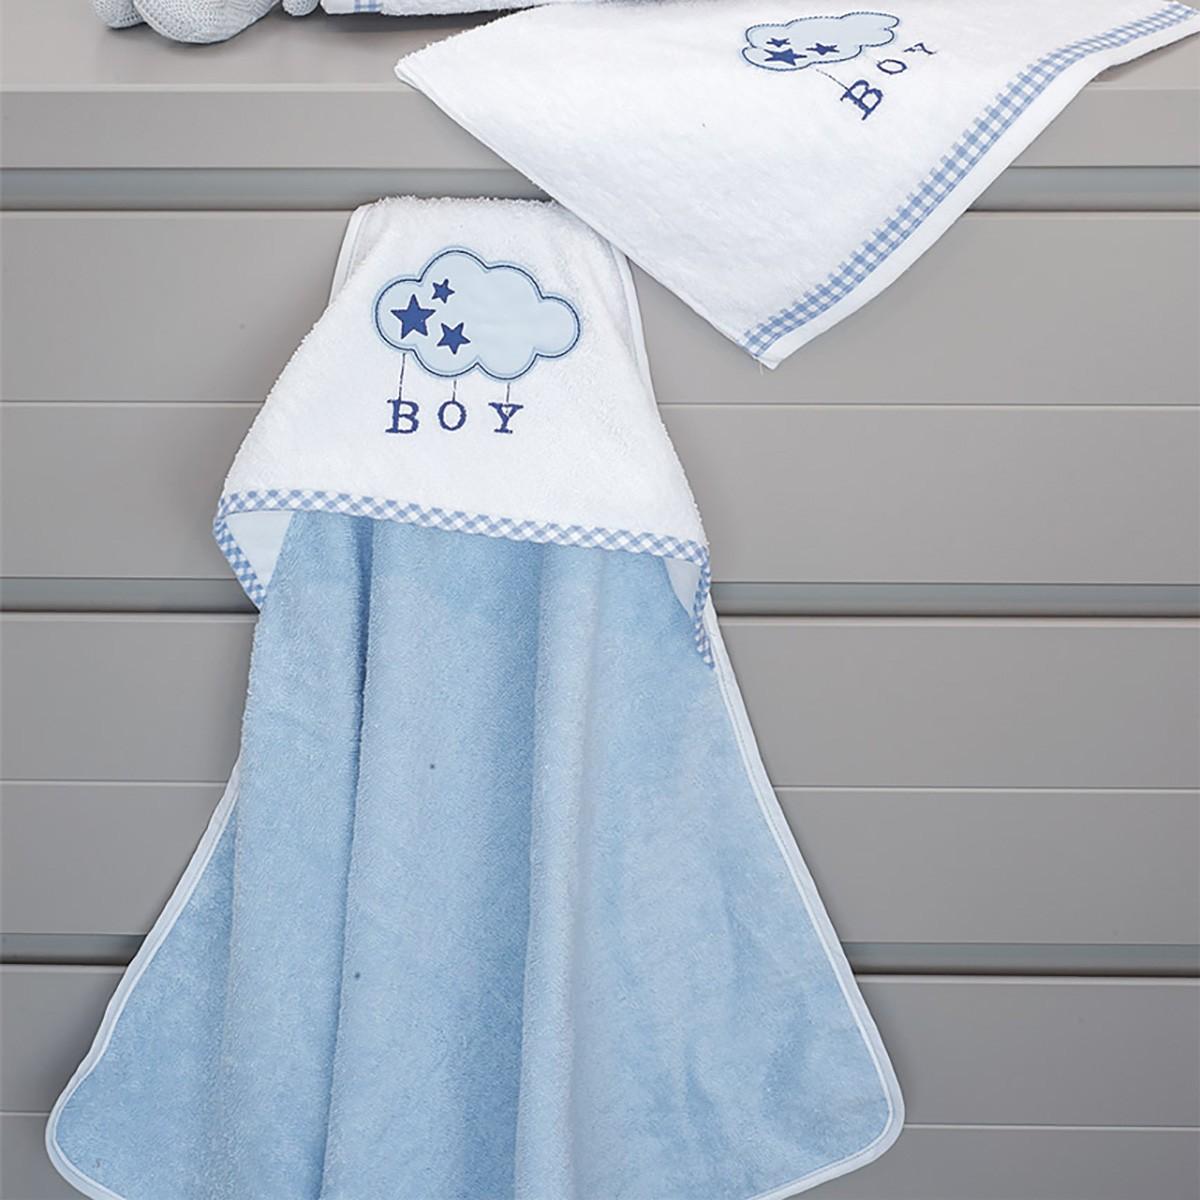 Βρεφική Κάπα Baby Oliver Blue Cloud Des 143 home   βρεφικά   κάπες βρεφικές